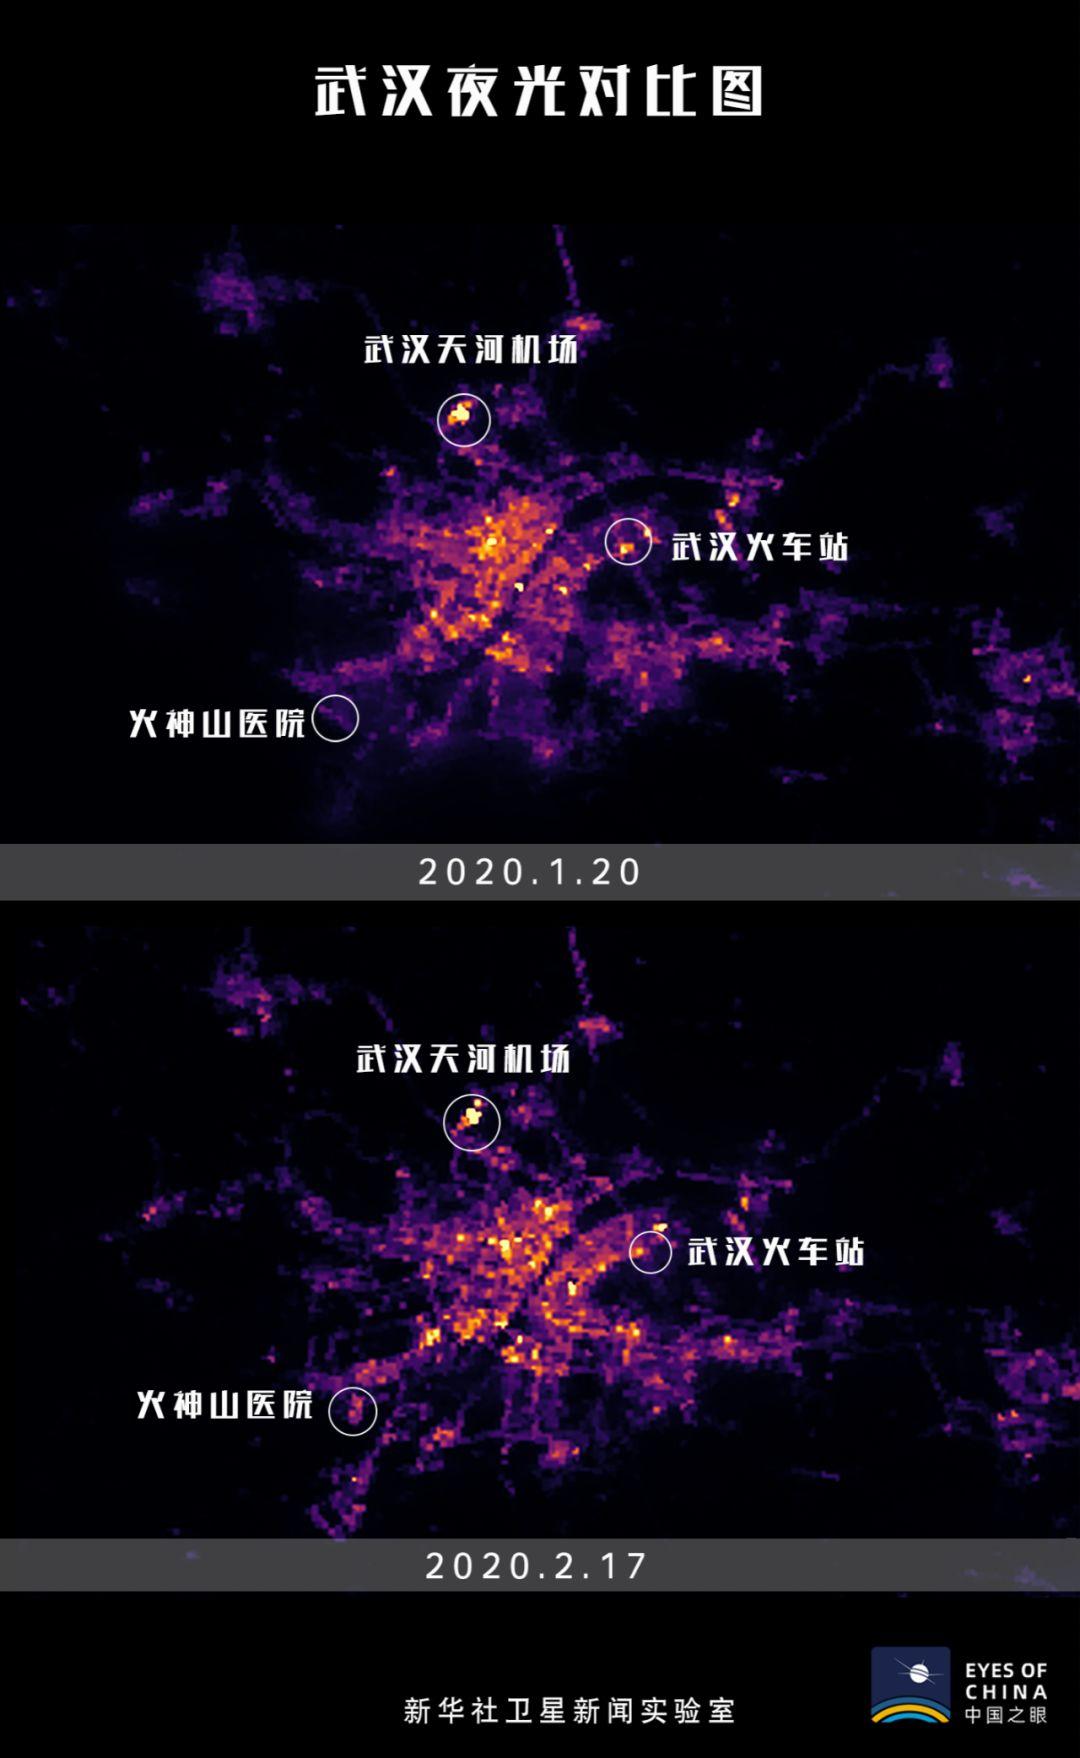 夜光对比图表现,离汉通道关闭前后,武汉并异国沉寂(夜光数据:北京佳格天地科技有限公司)